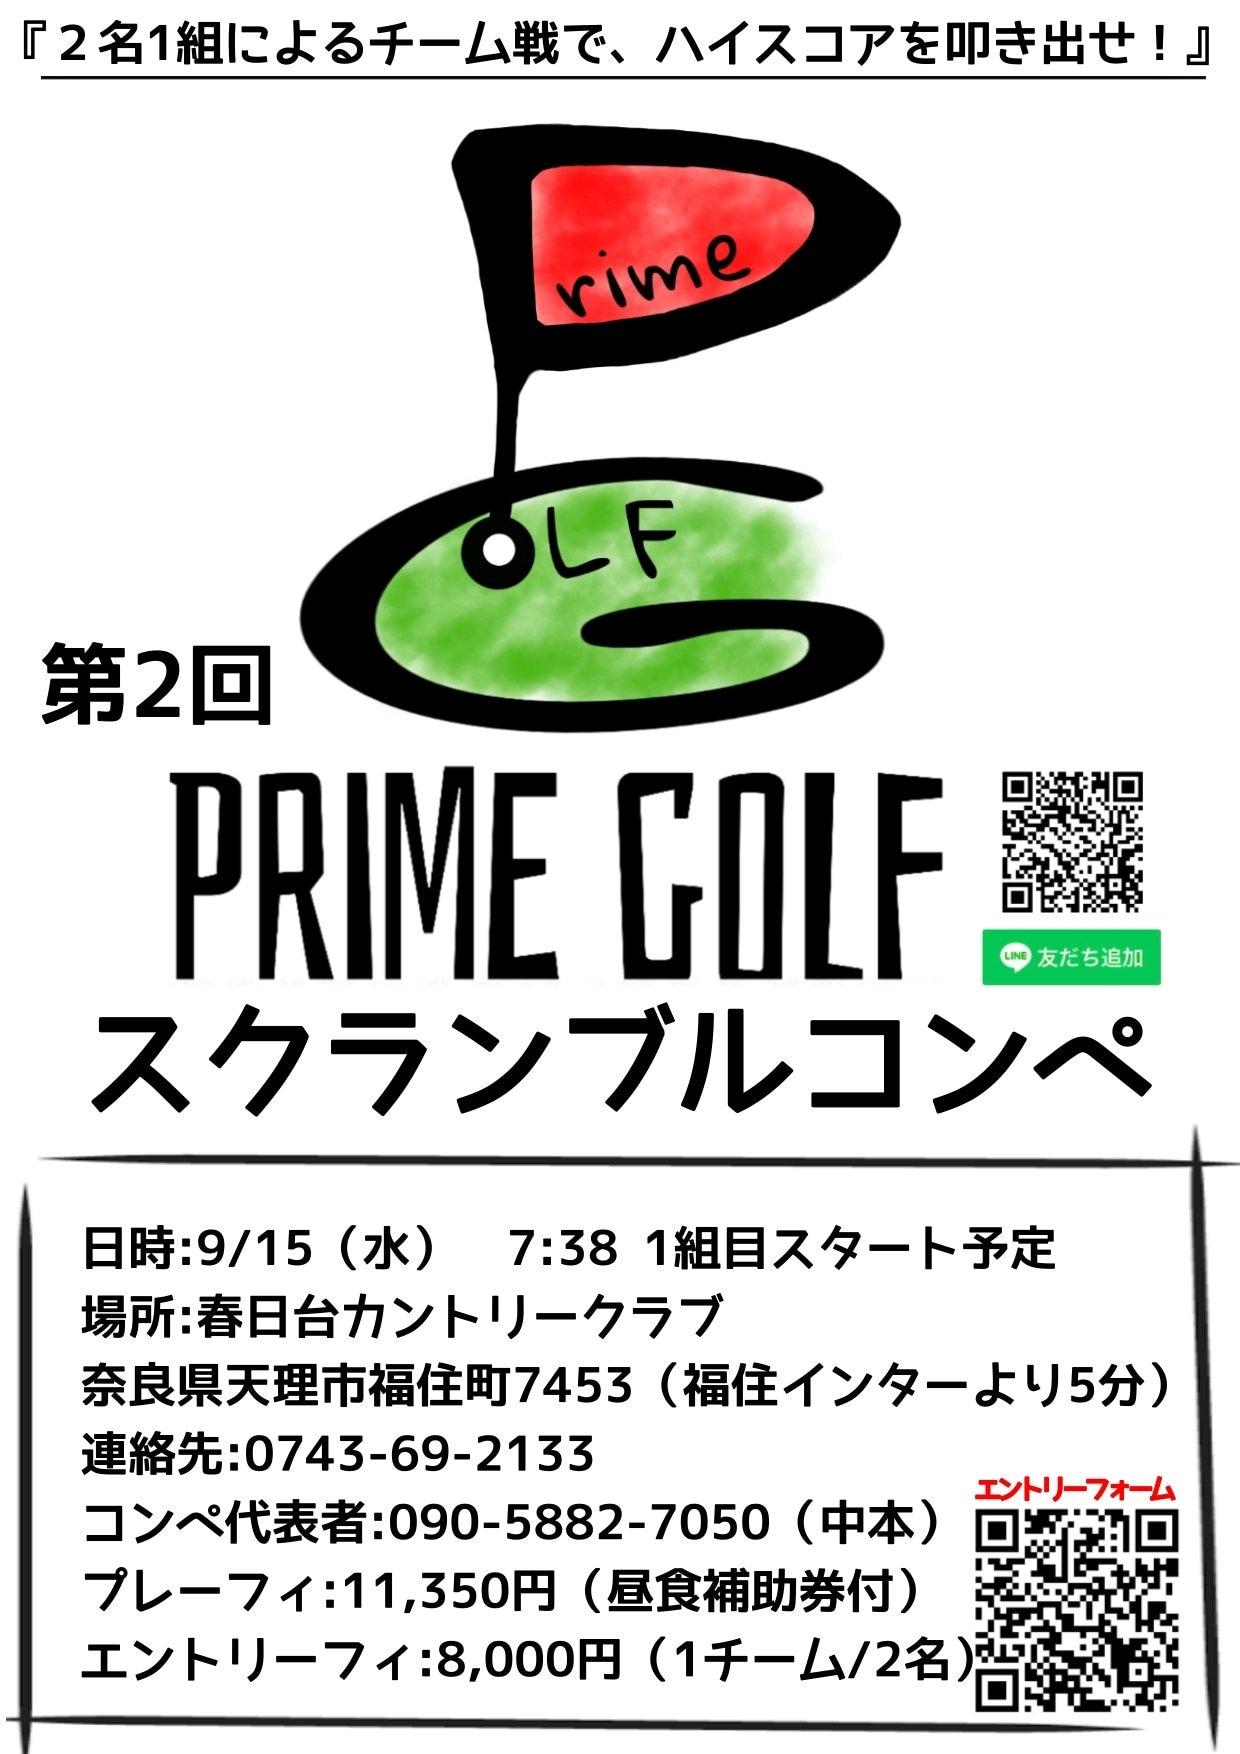 第2回 PRIME GOLF 『2021/09/15 春日台カントリークラブ エントリーチケット 2名様分』のイメージその2